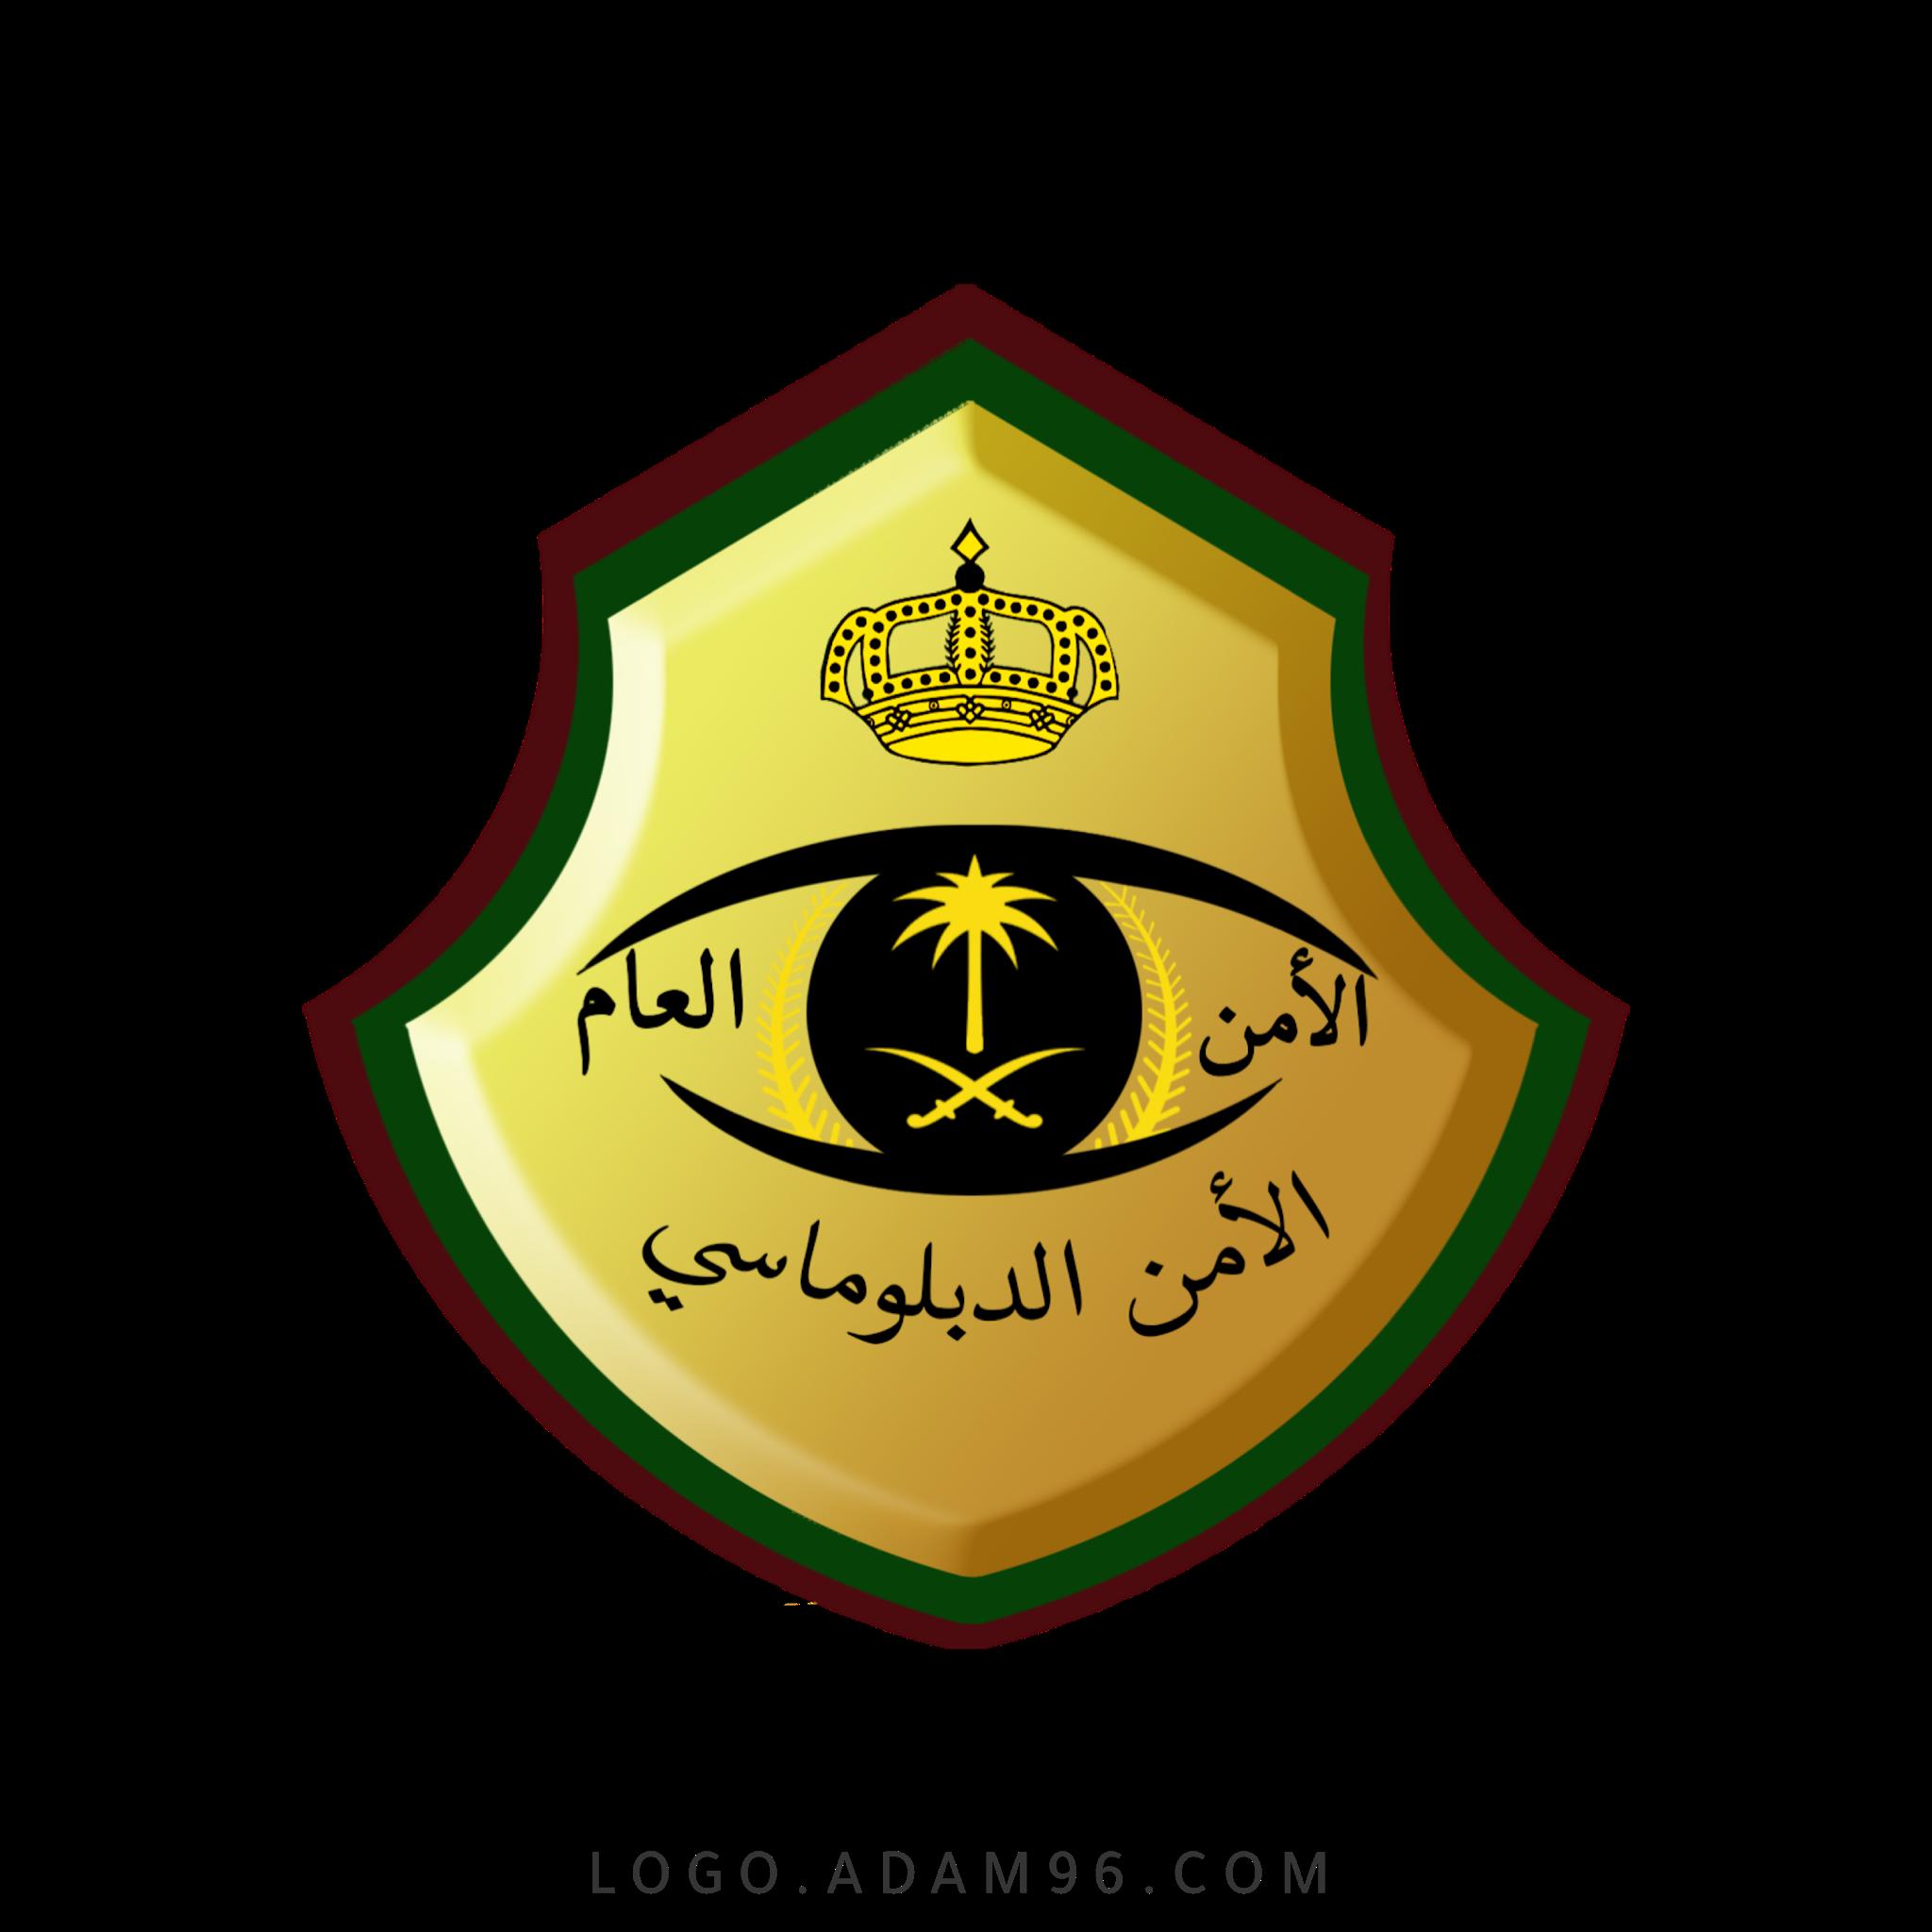 تحميل شعار الأمن الدبلوماسي السعودي لوجو رسمي بجودة عالية PNG